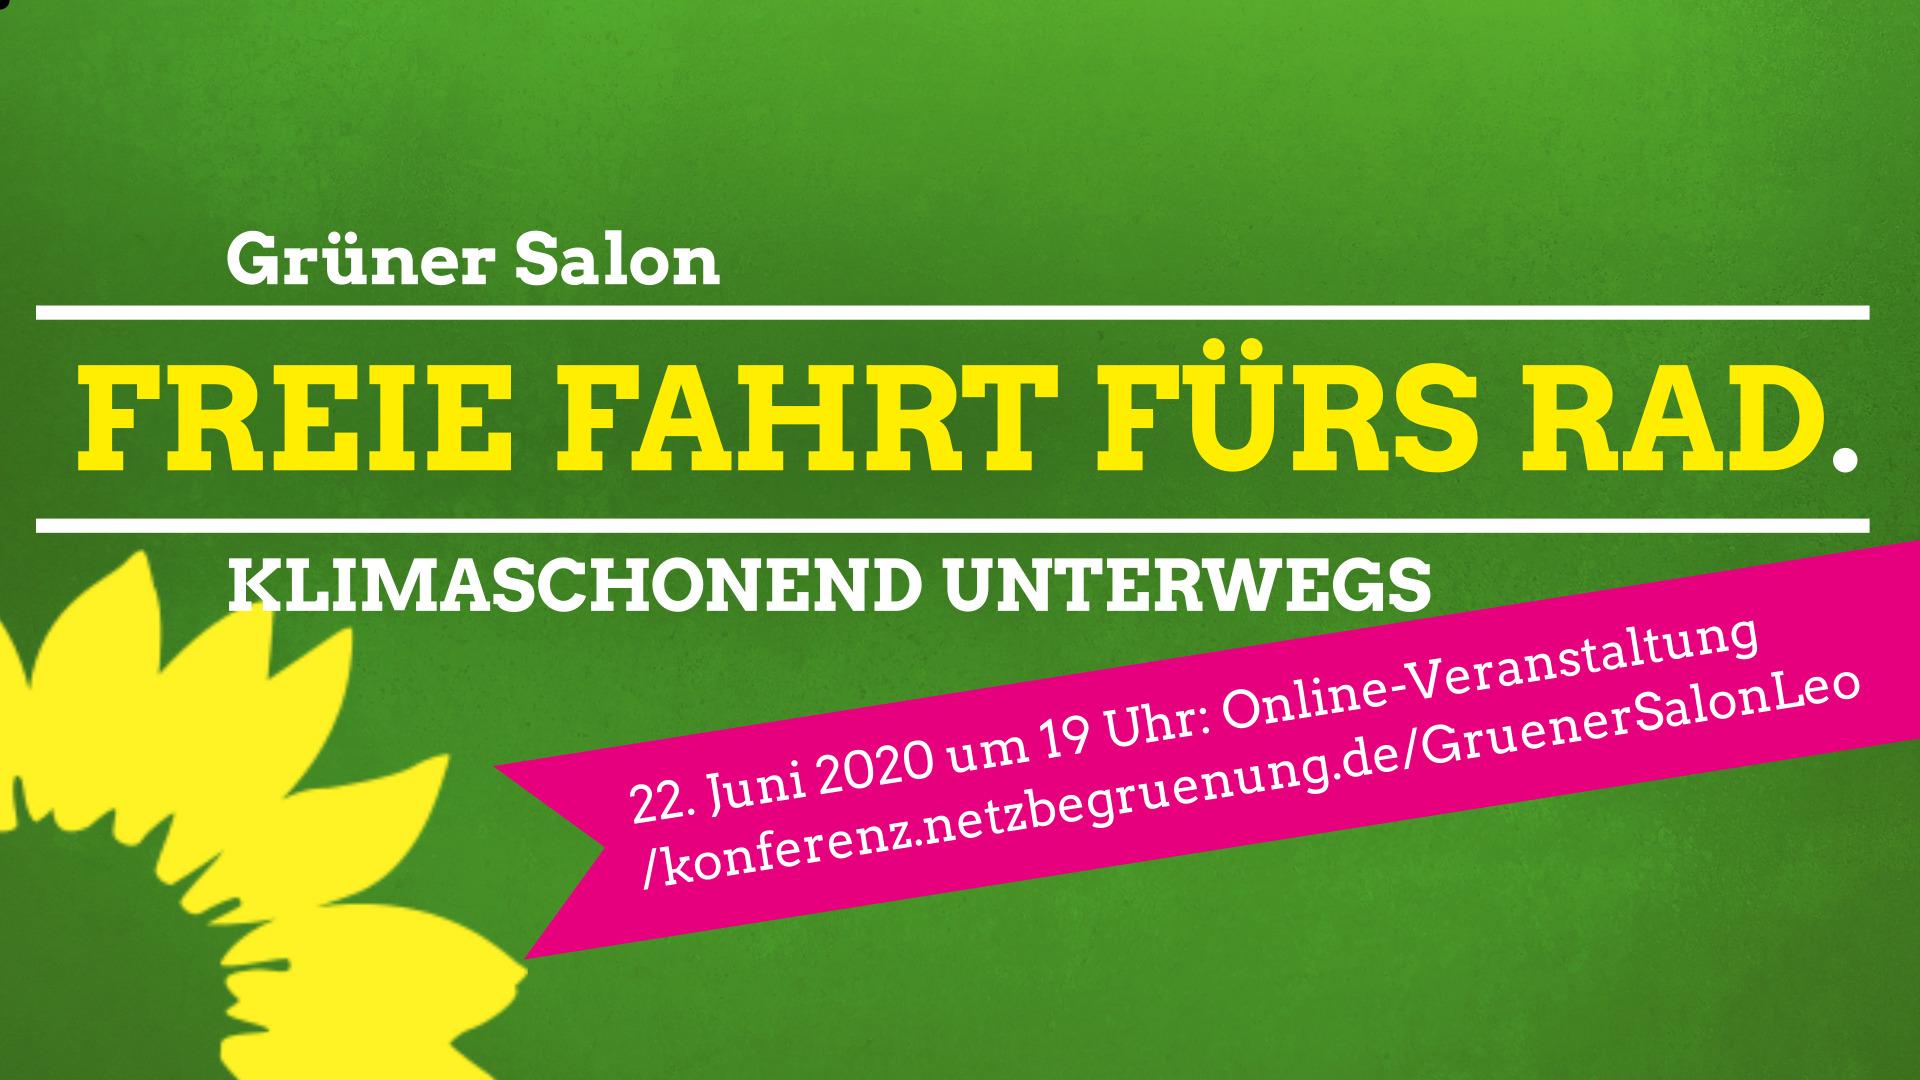 Online-Debatte mit Julia Eisentraut, Robin Wagener, Bernd Küffner und Jürgen Hachmeister